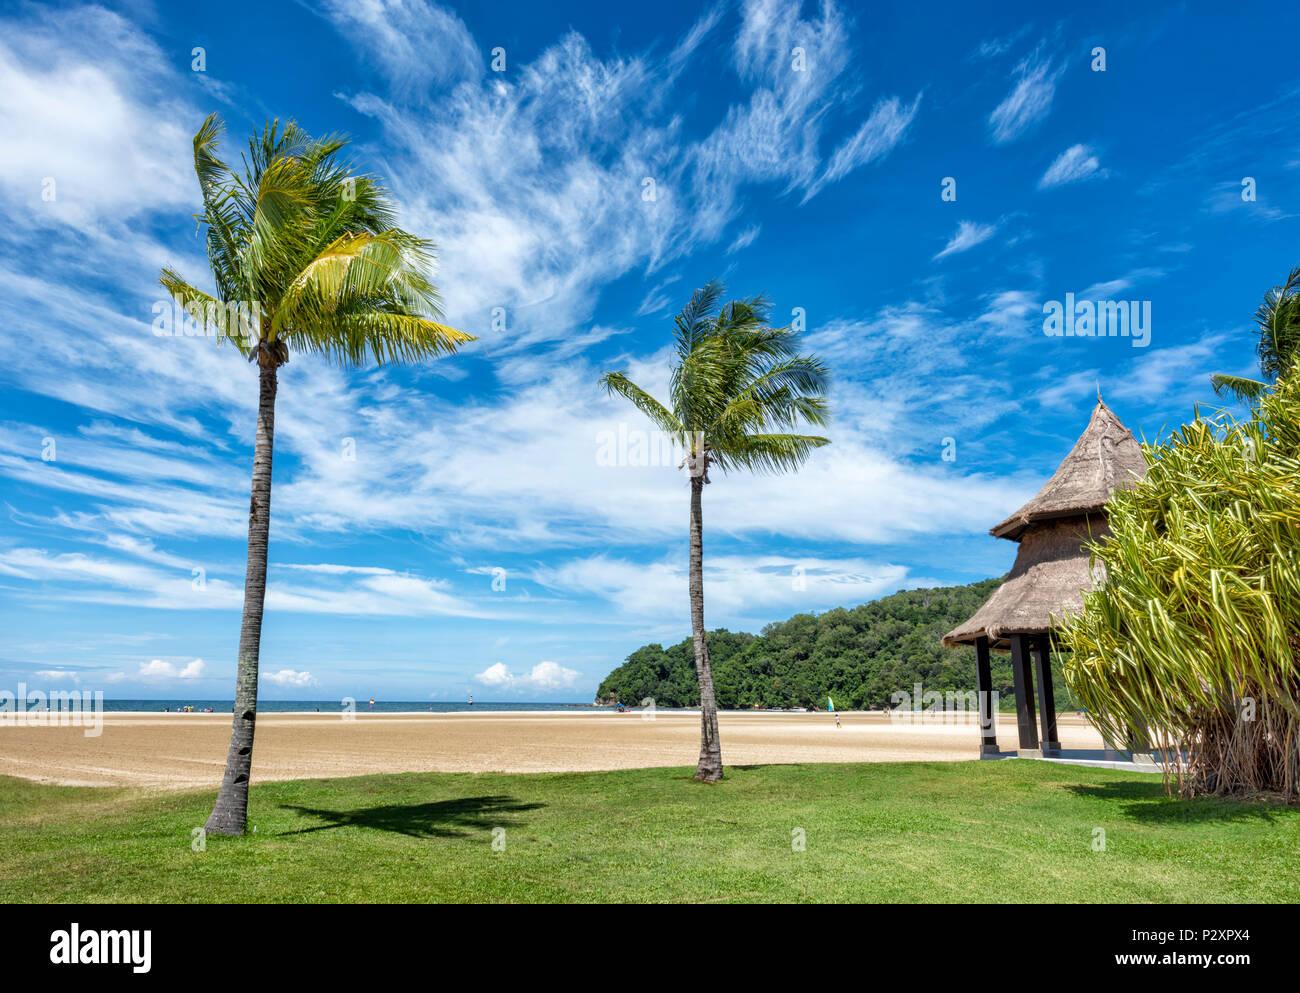 Deux palmiers sur une plage de sable blanc à Kota Kinabalu, Malaisie, Bornéo, sur le bord de la mer de Chine du Sud Banque D'Images